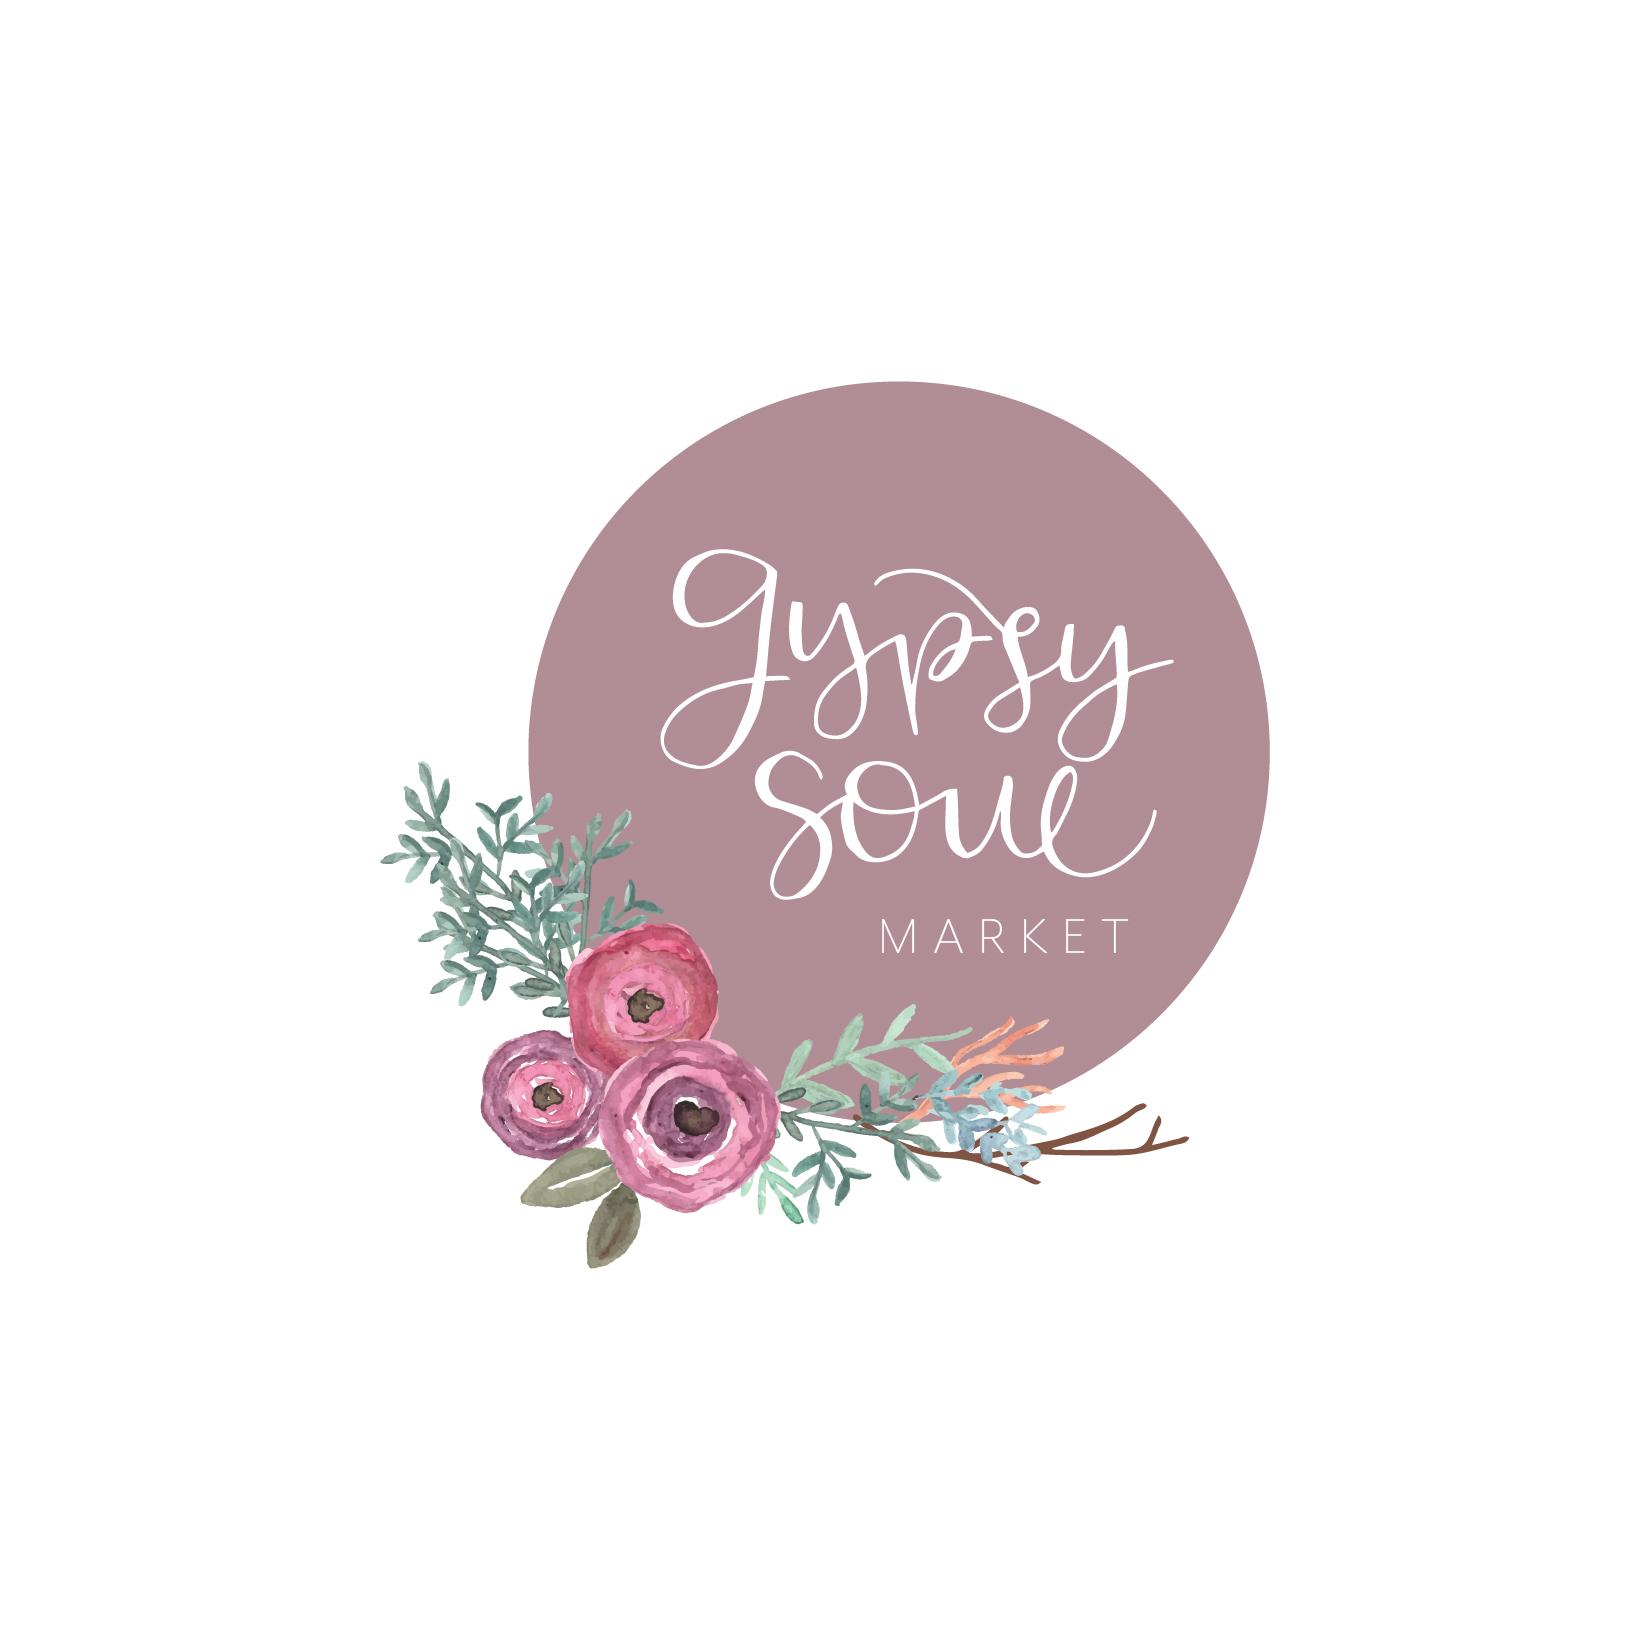 GypsySoul-04.jpg